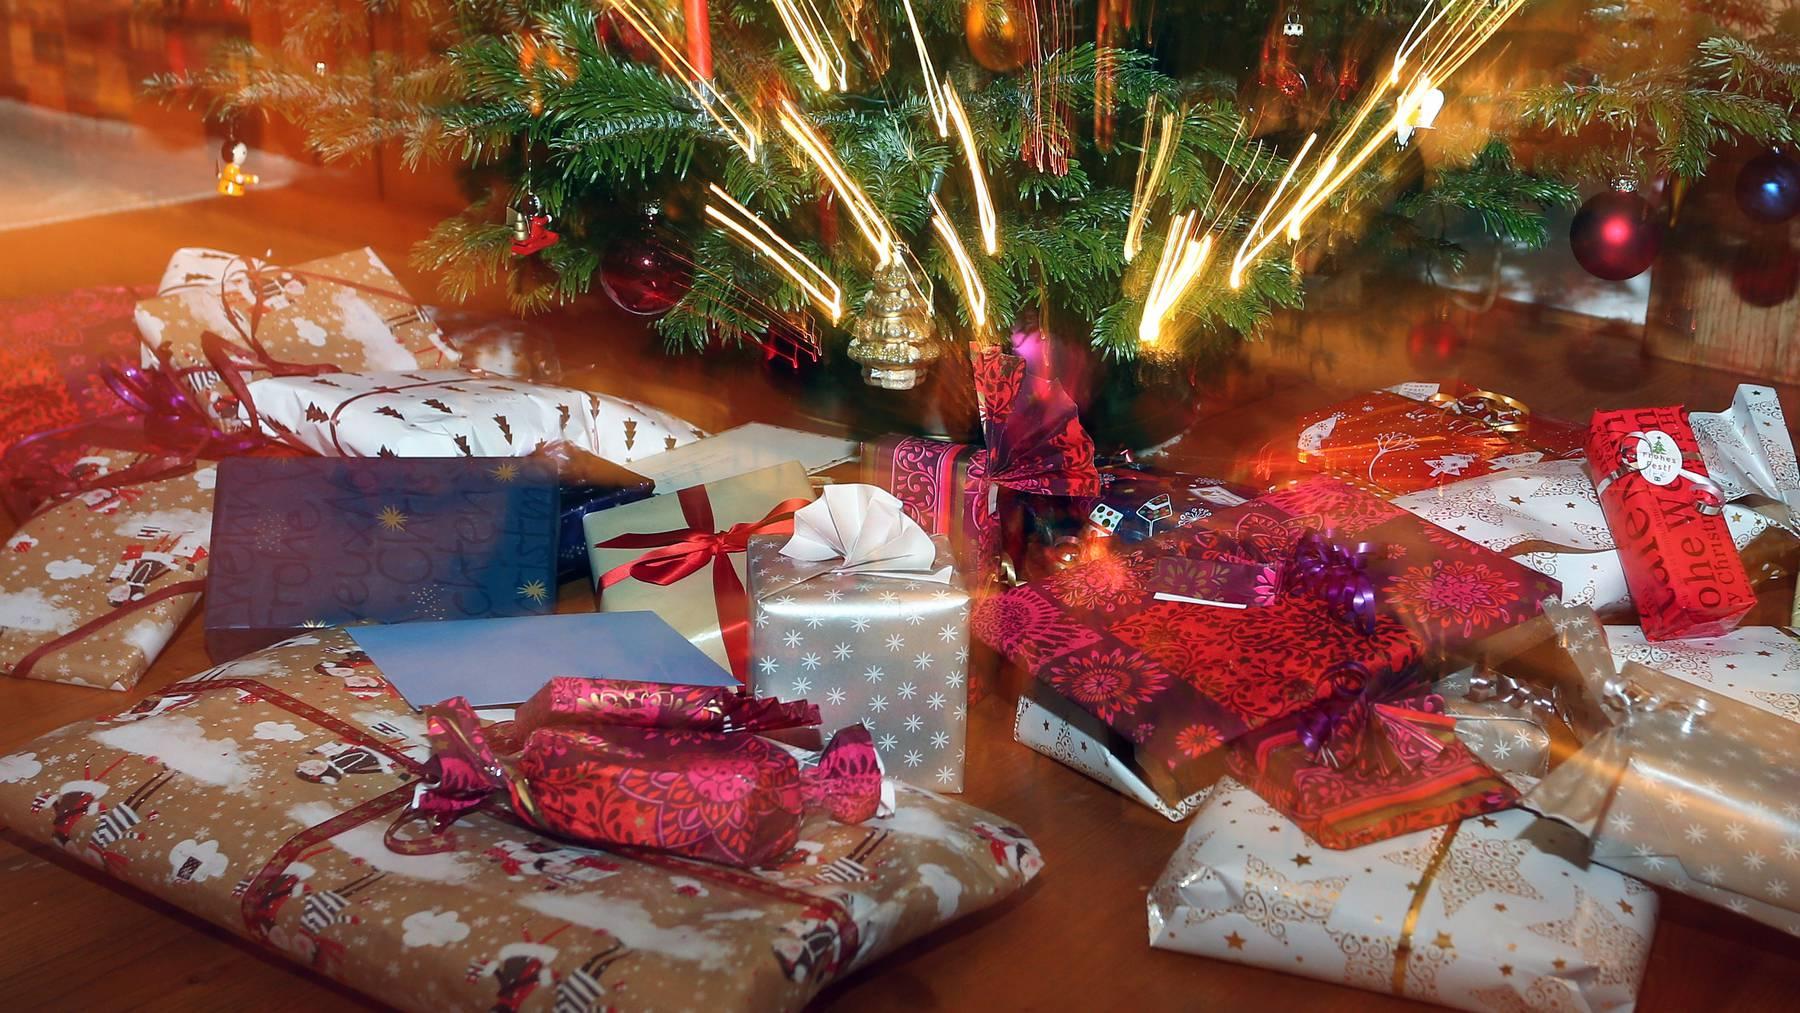 Diese Weihnachten wollen laut einer Befragung 20 Prozent nichts verschenken.